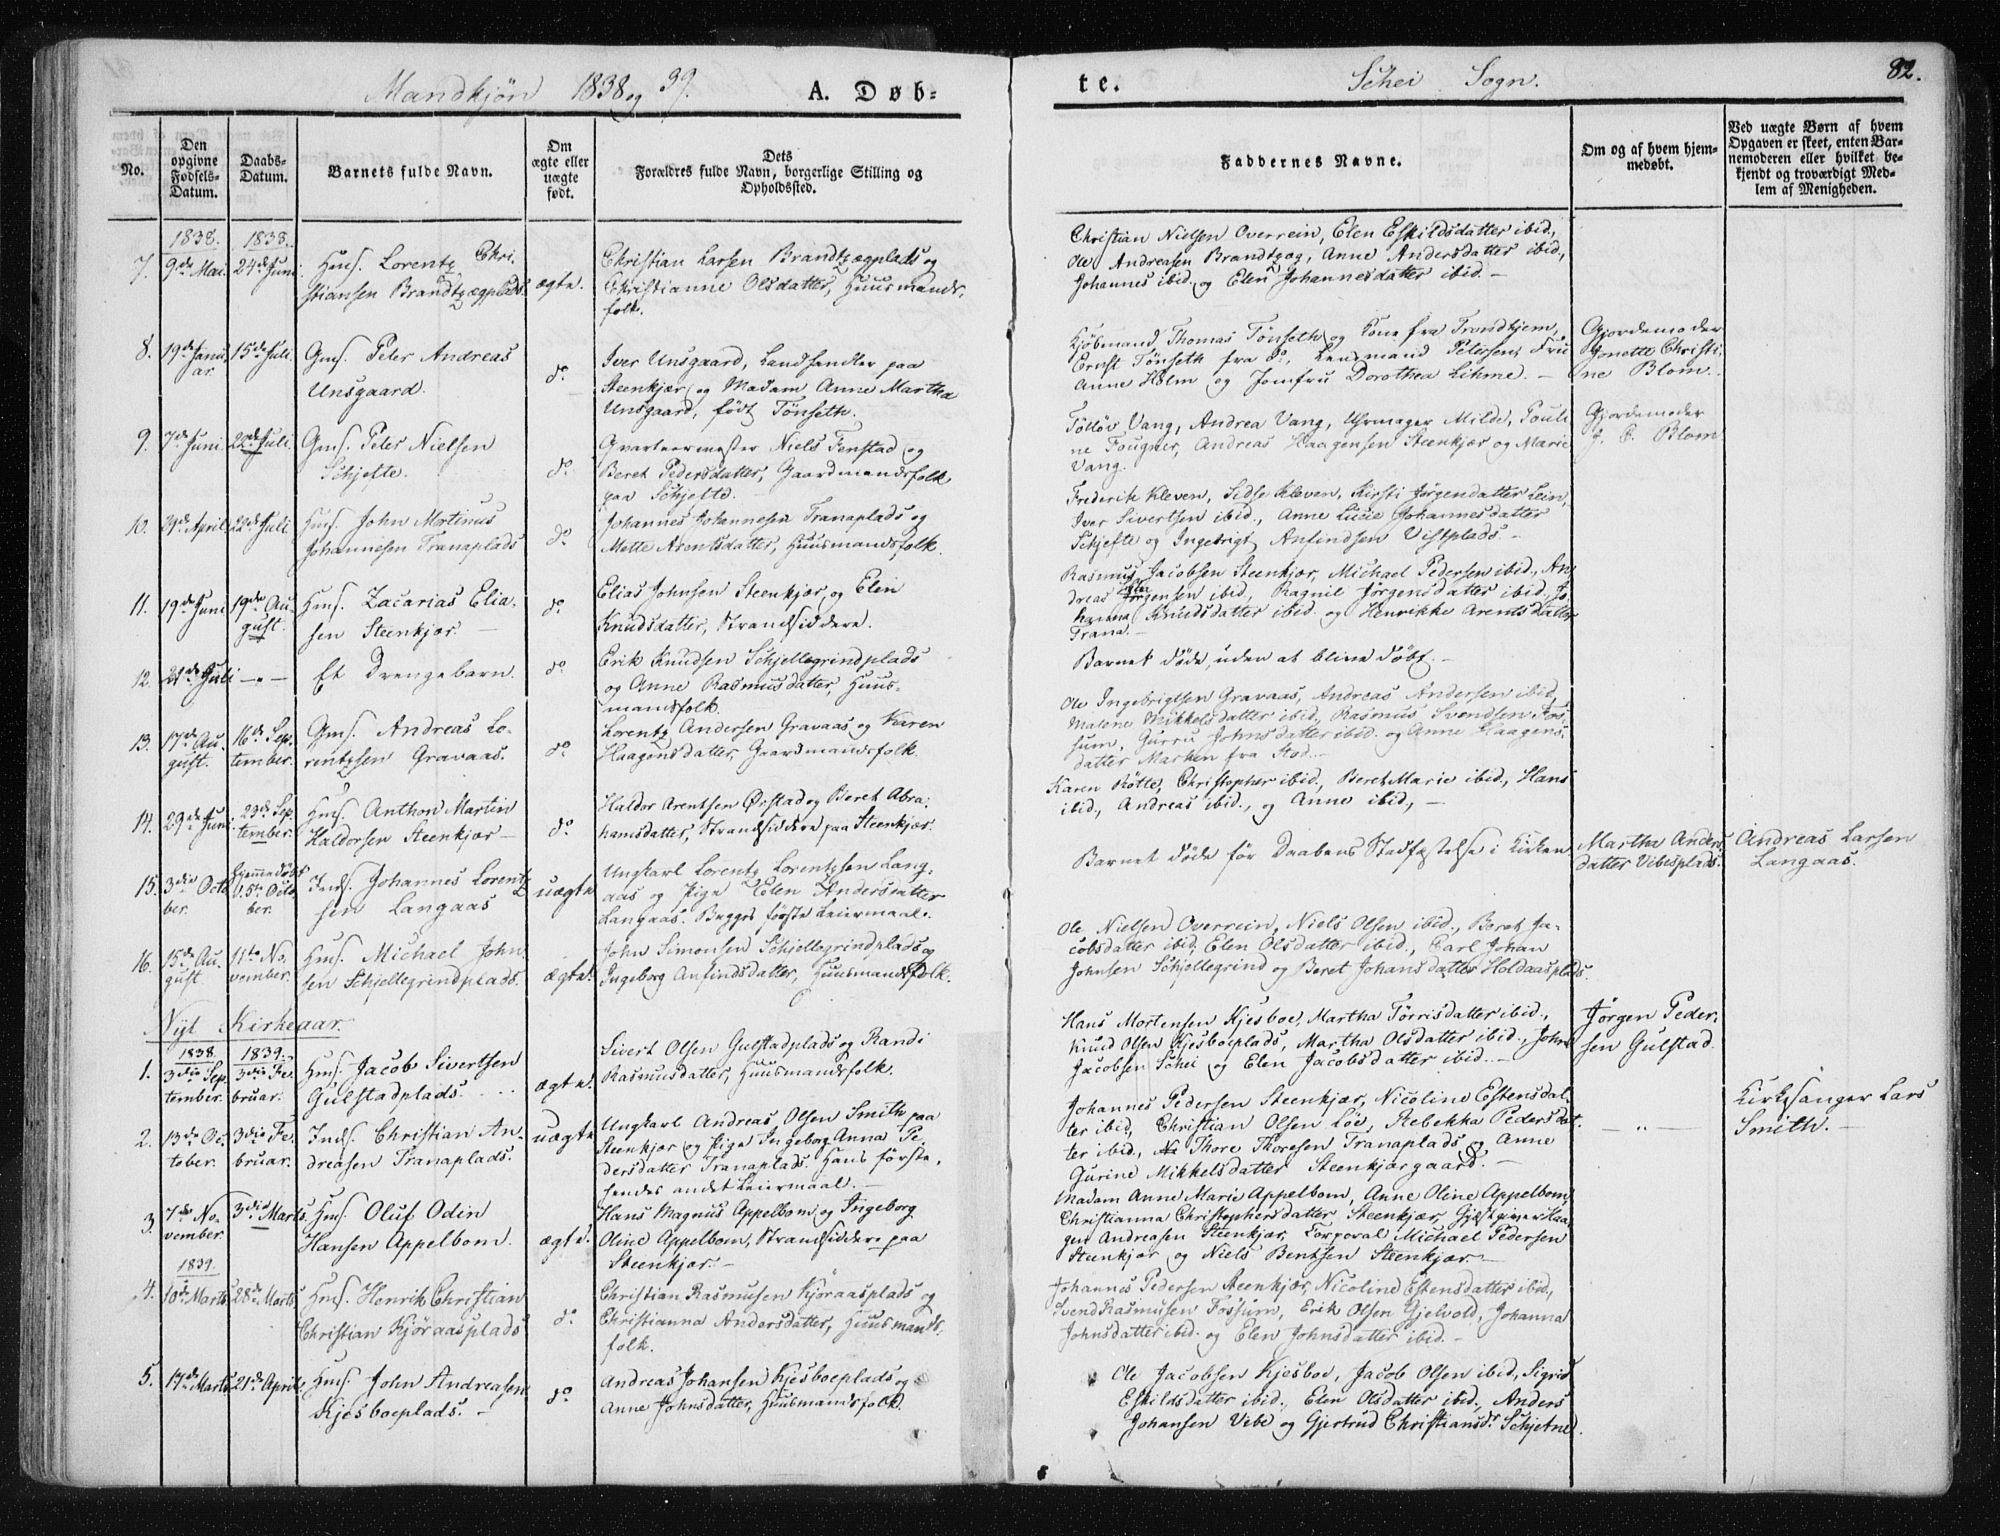 SAT, Ministerialprotokoller, klokkerbøker og fødselsregistre - Nord-Trøndelag, 735/L0339: Ministerialbok nr. 735A06 /2, 1836-1848, s. 82